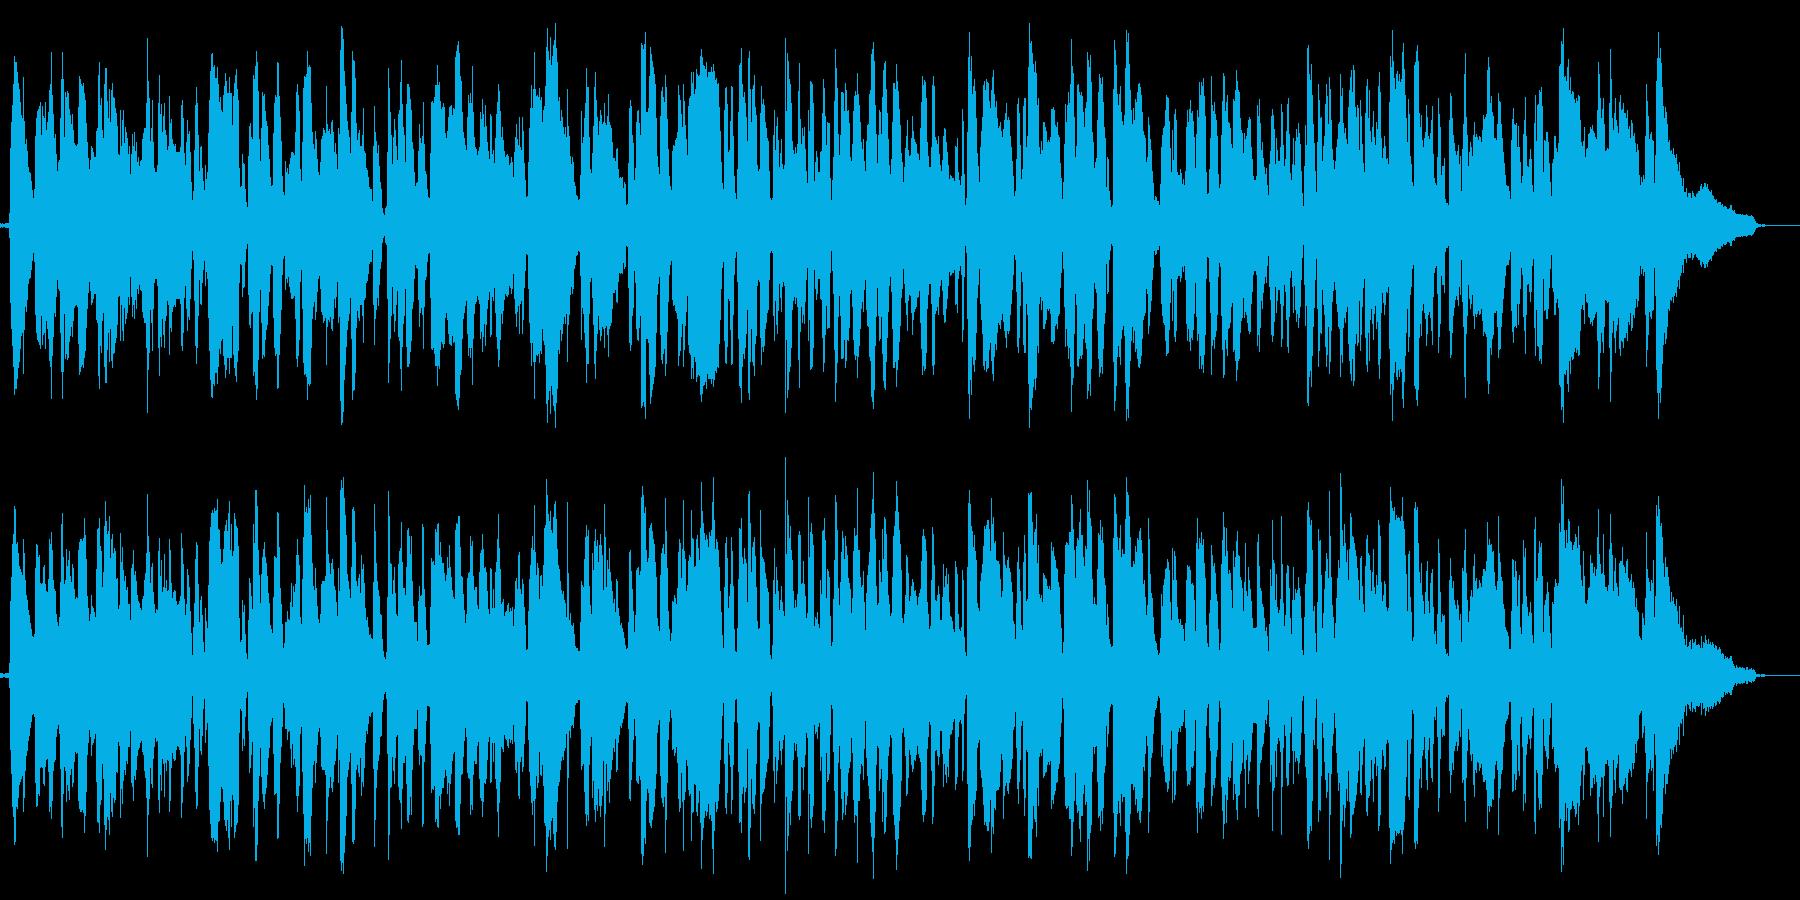 ハーモニカ生演奏マイナー調ボサノバソロ風の再生済みの波形